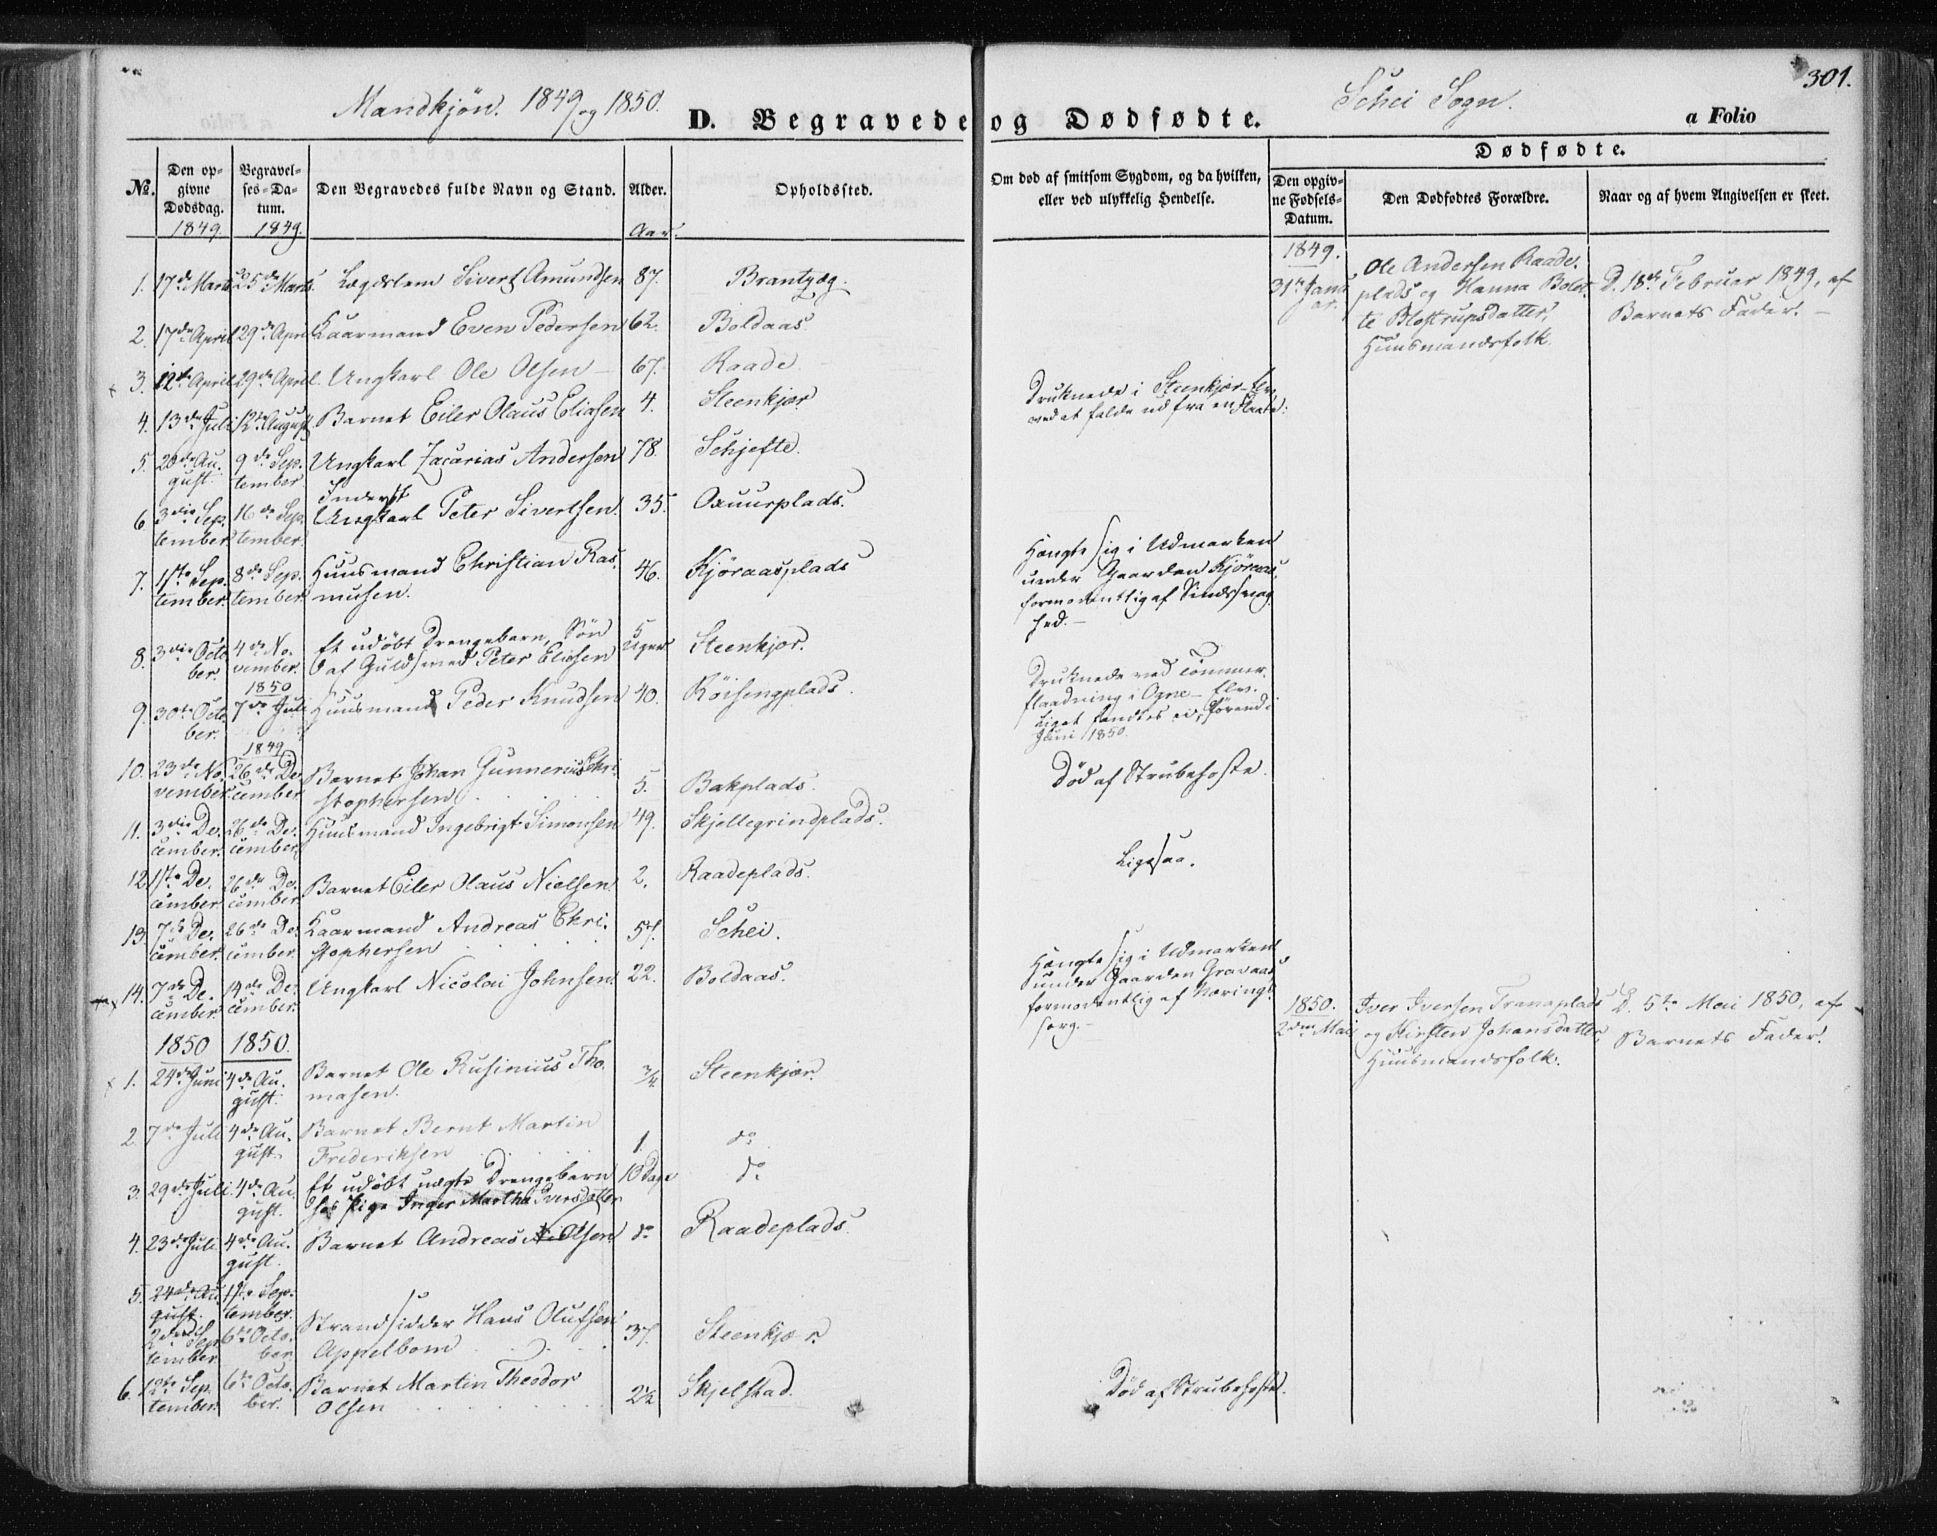 SAT, Ministerialprotokoller, klokkerbøker og fødselsregistre - Nord-Trøndelag, 735/L0342: Parish register (official) no. 735A07 /2, 1849-1862, p. 301